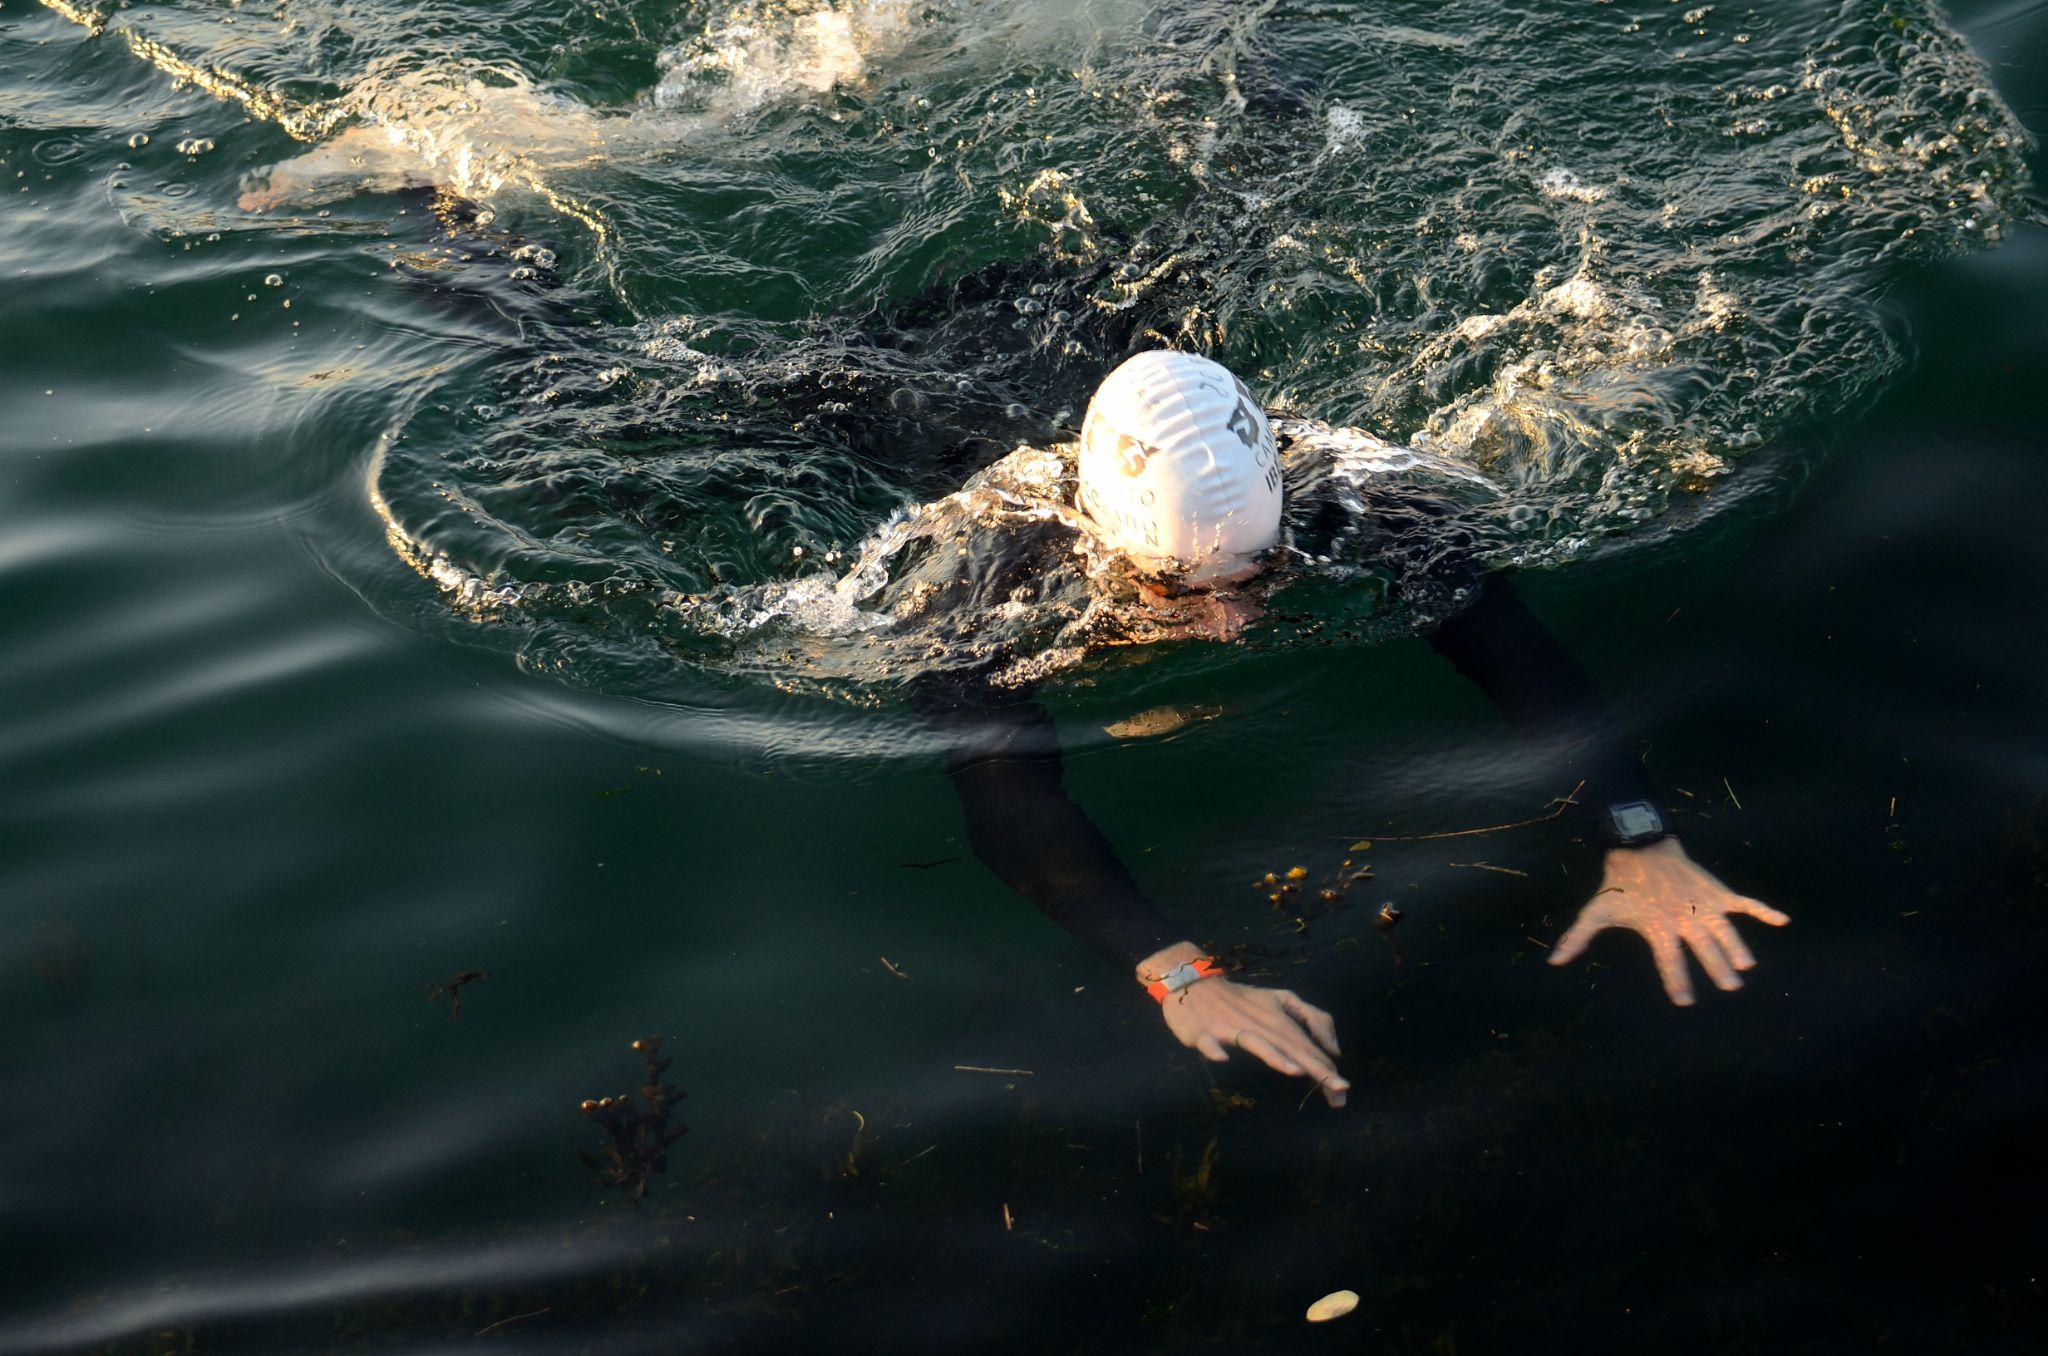 Nadador de Triatlo by carlosfiuzar